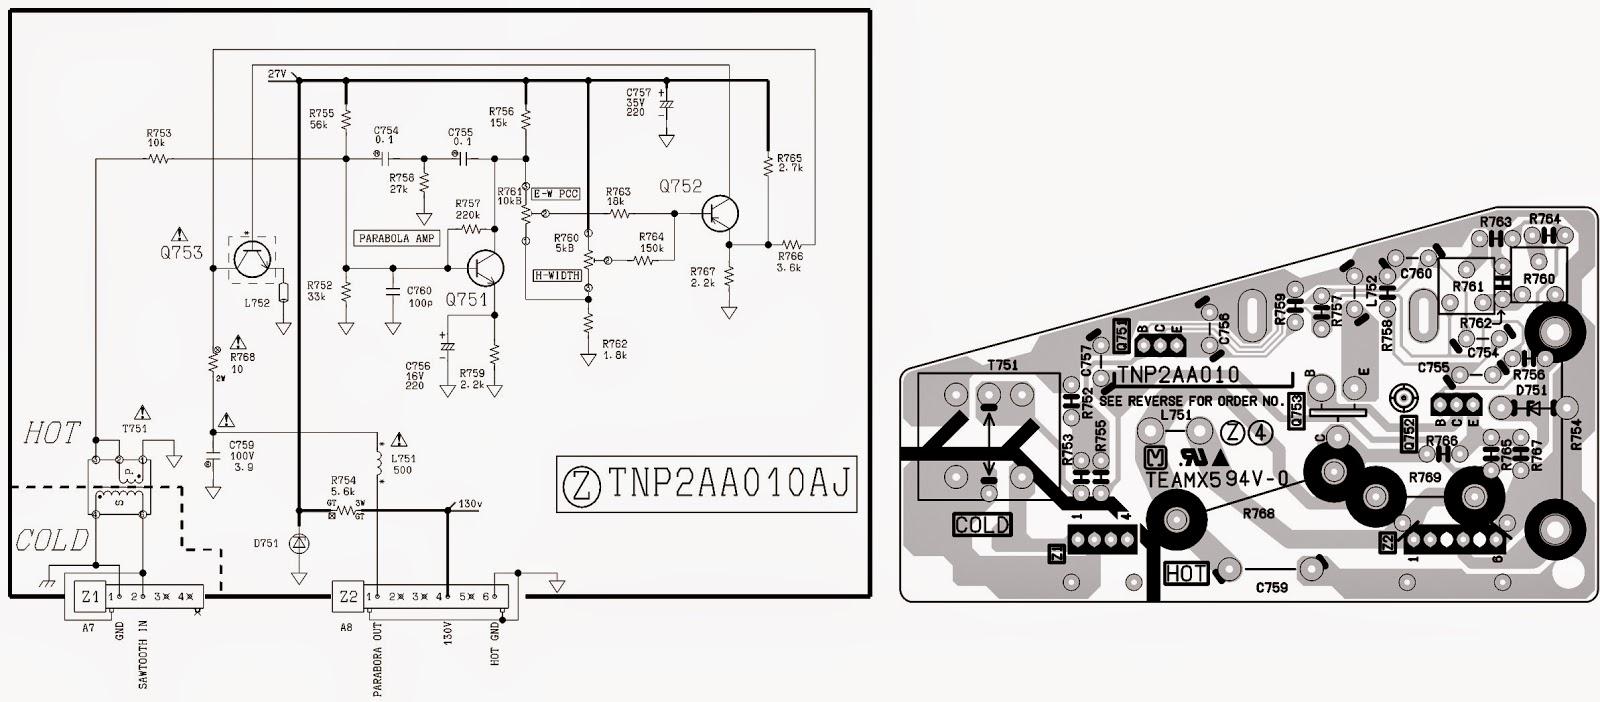 Electro help: 10/12/14